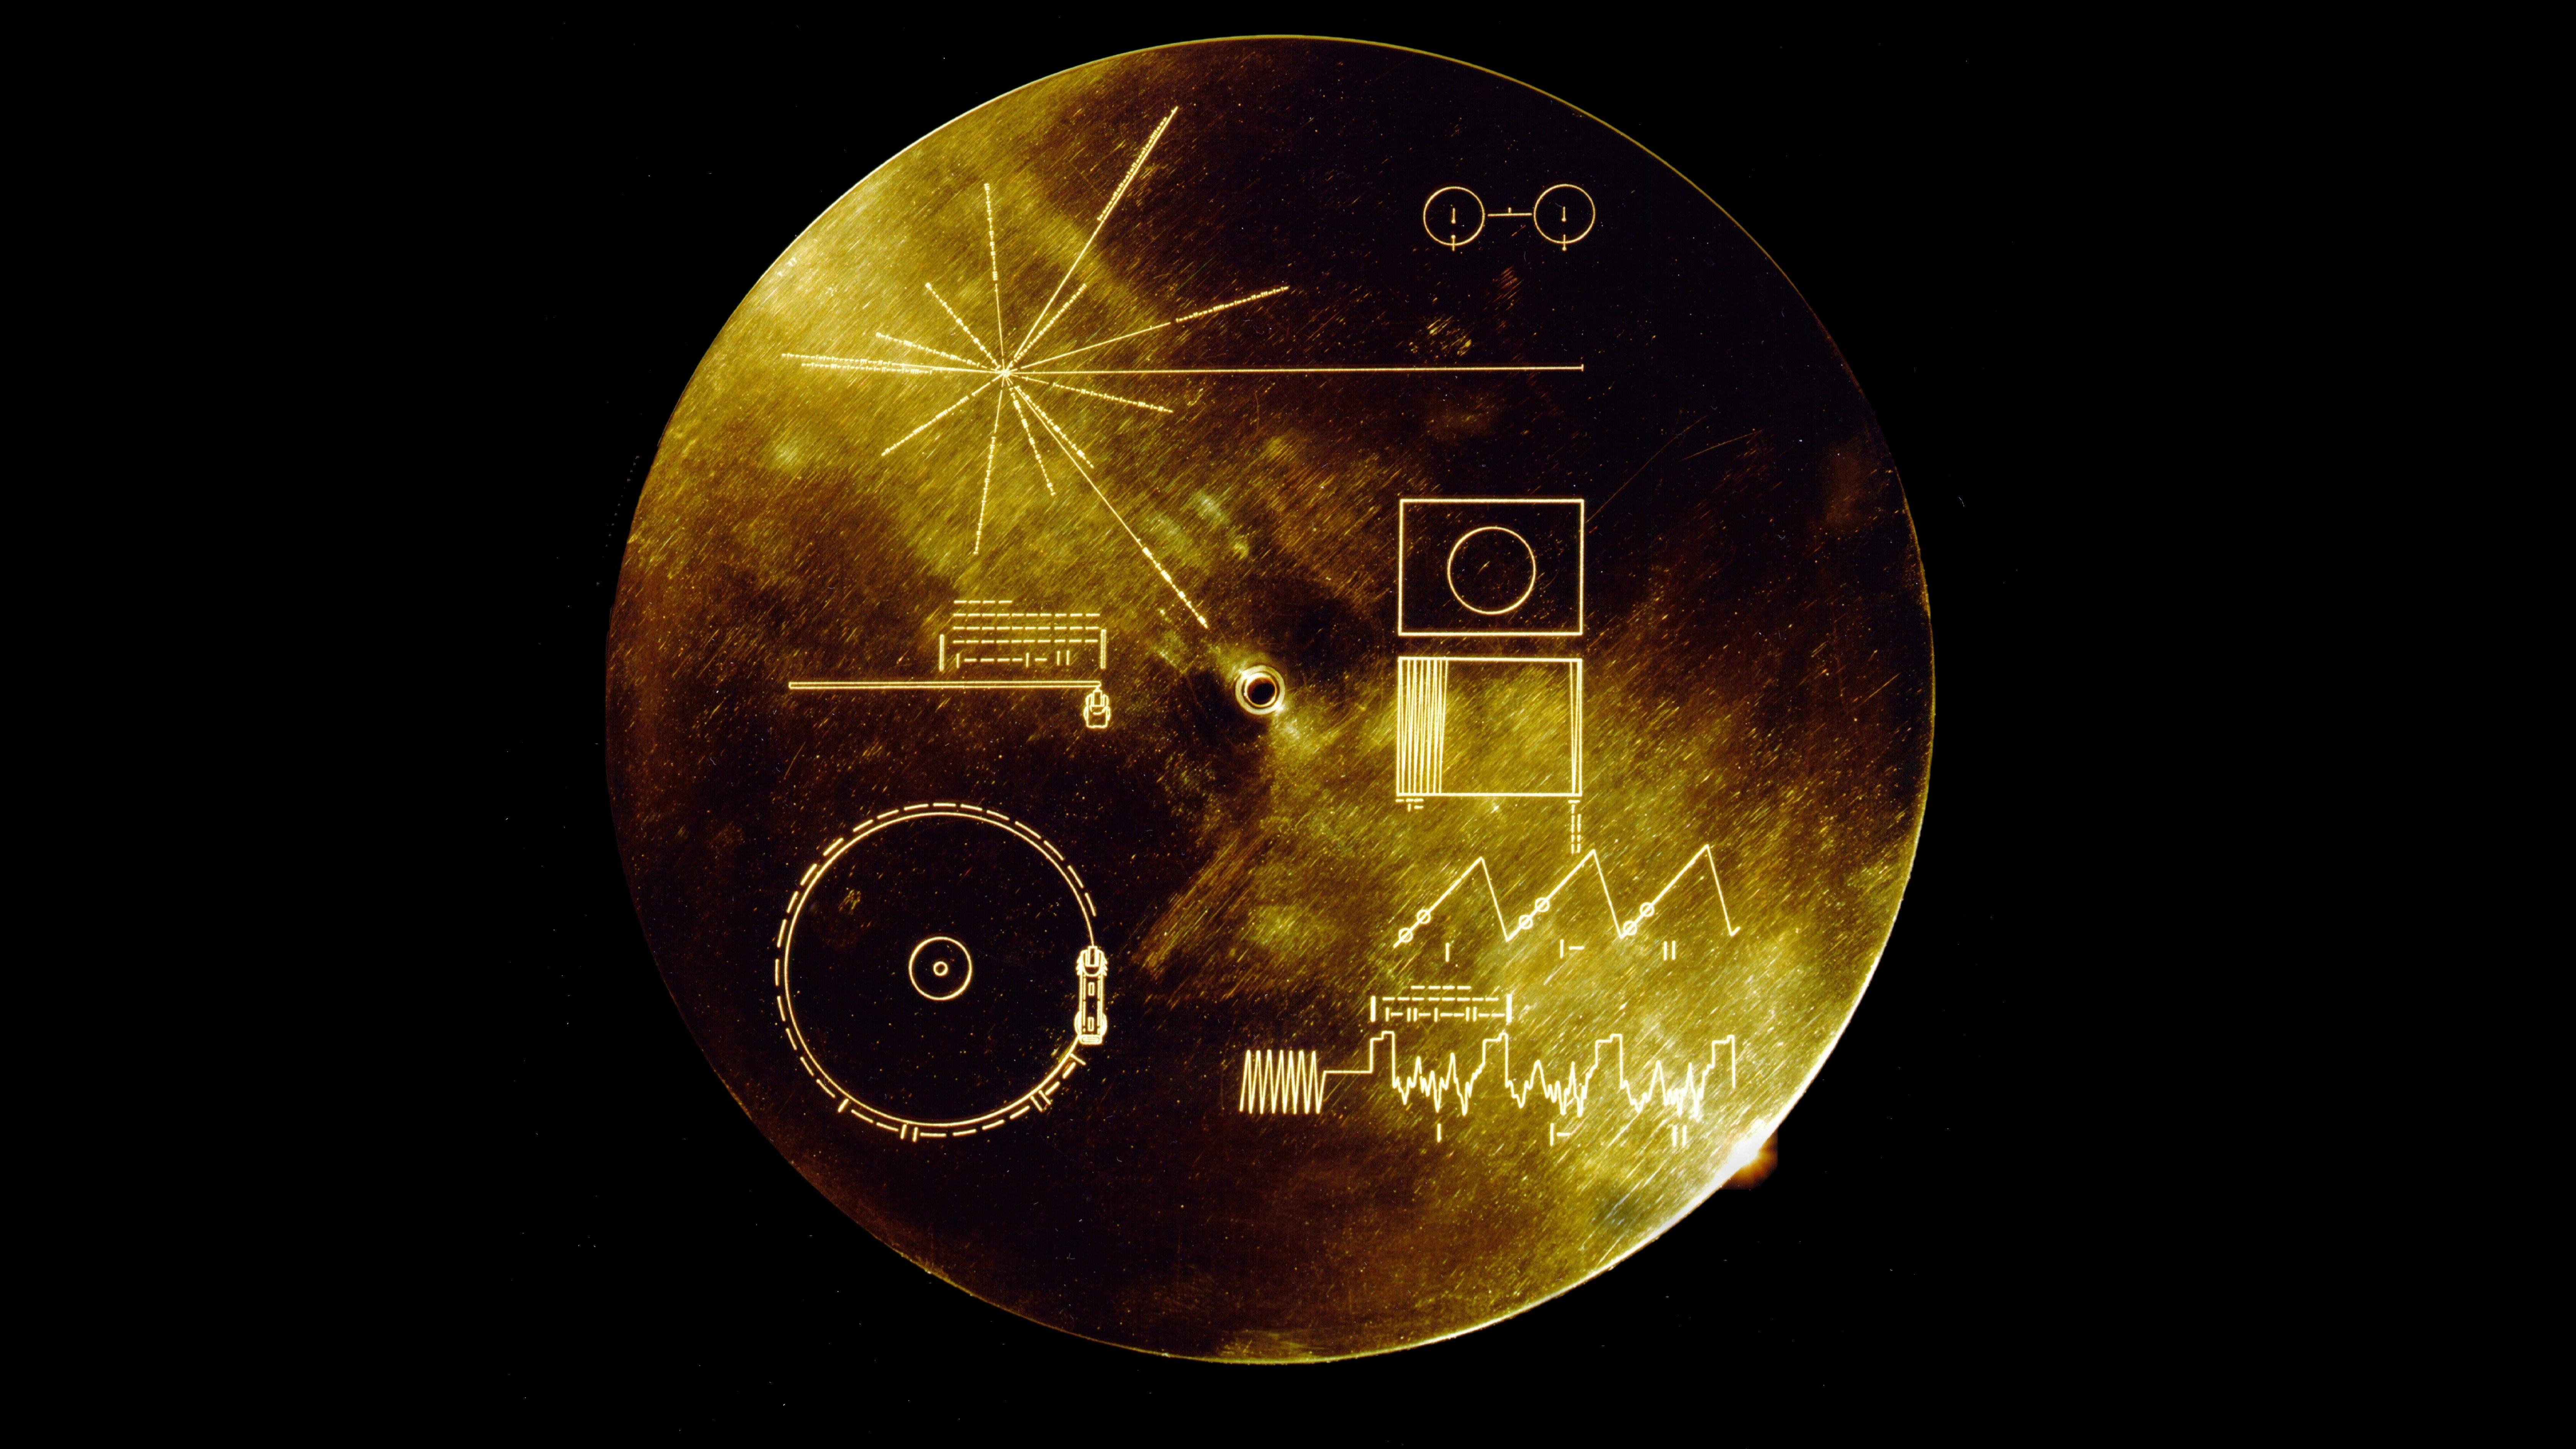 Begge Voyager-rumsonder medbringer en guldplade som denne for det tilfældes skyld, at de skulle blive fundet af intelligent liv.